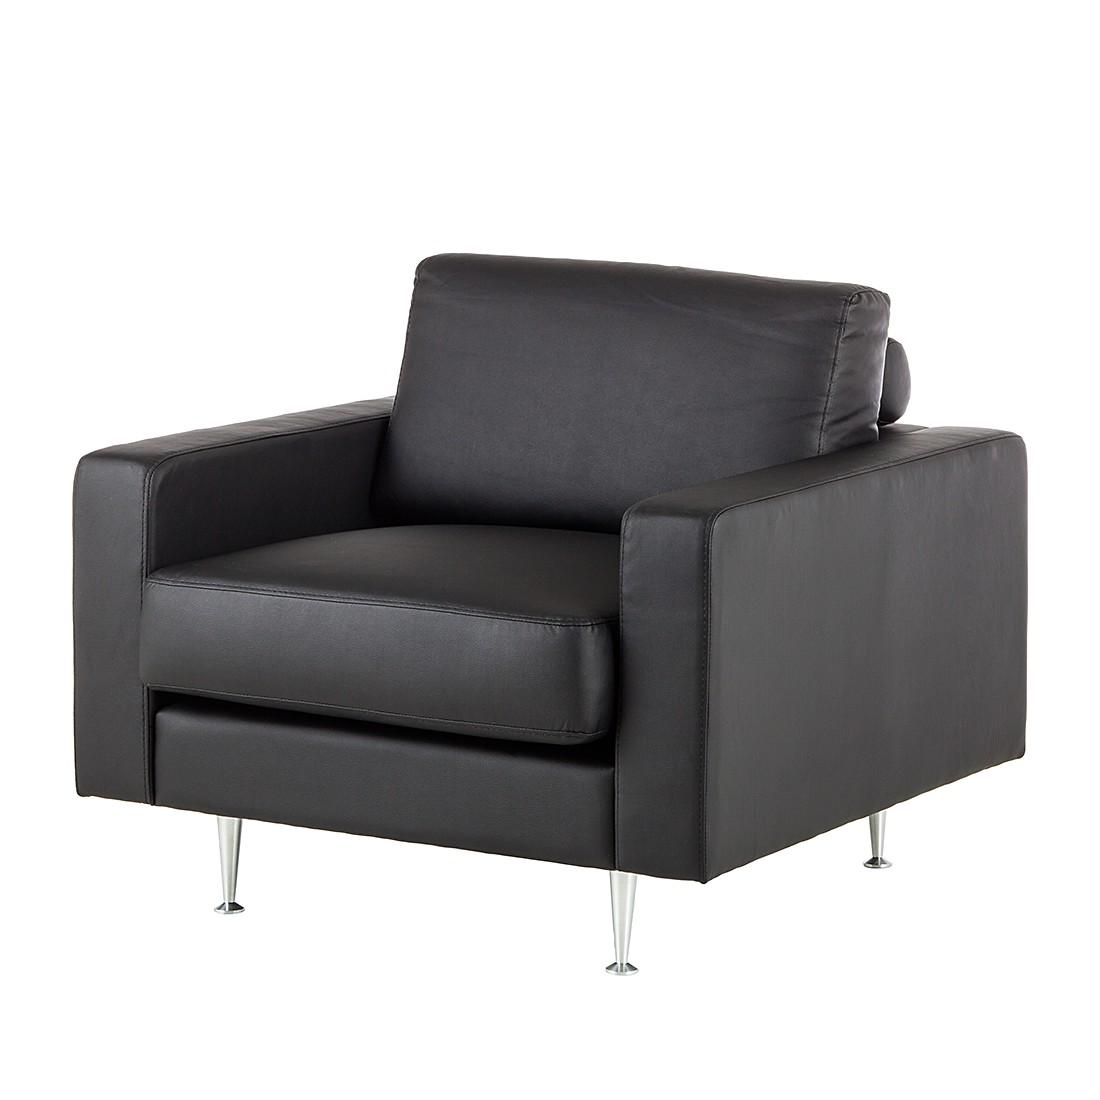 sessel laval kunstleder schwarz fredriks kaufen. Black Bedroom Furniture Sets. Home Design Ideas